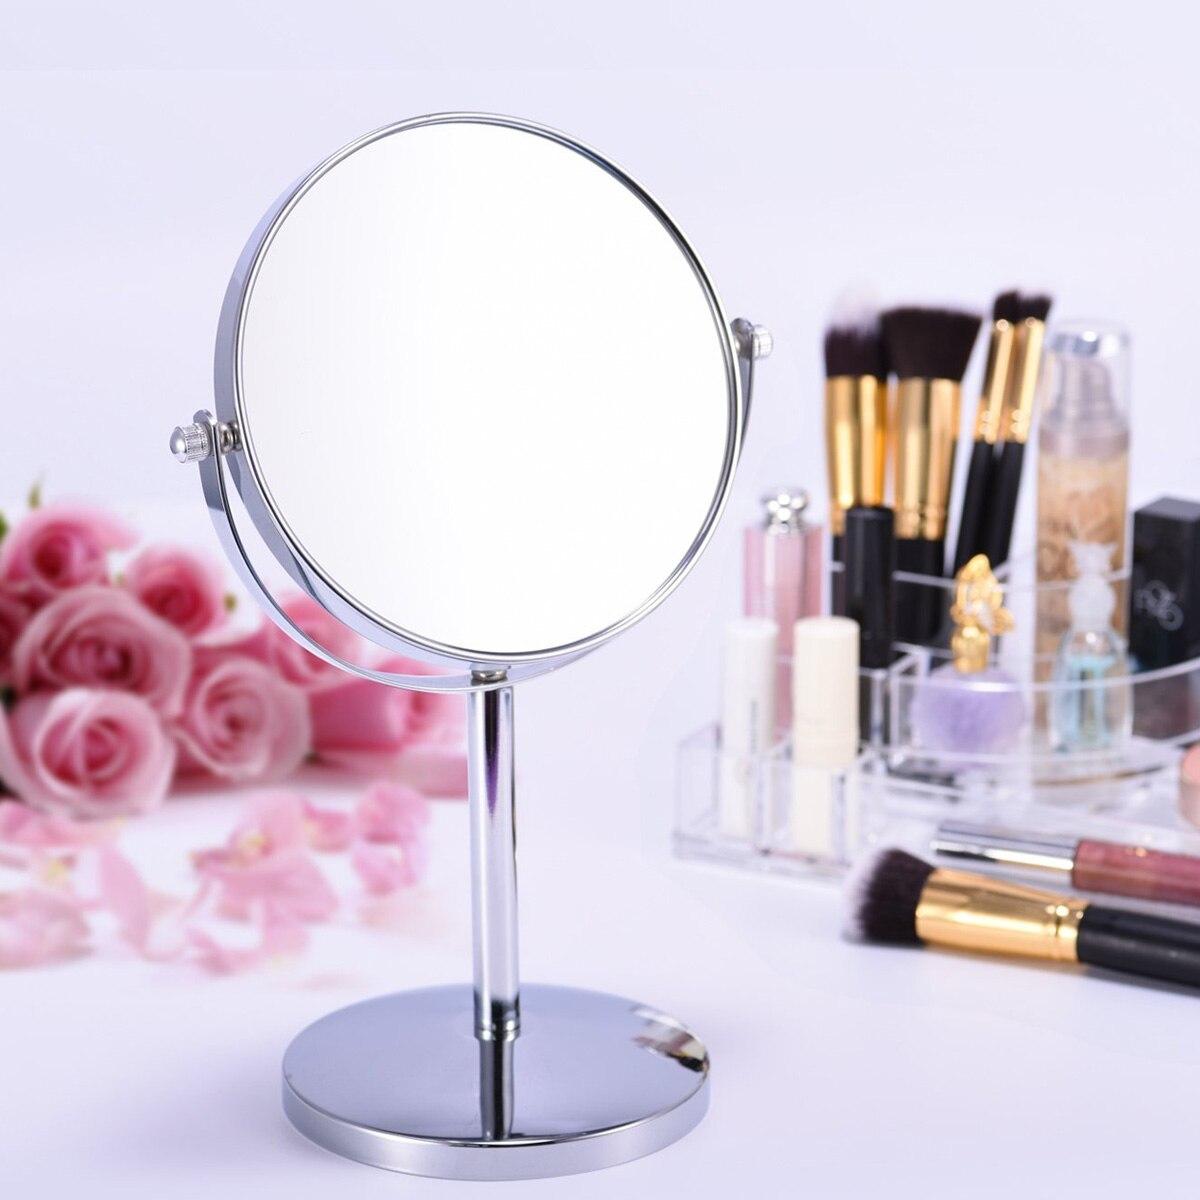 Зеркало купить косметику купить косметика велиния в спб